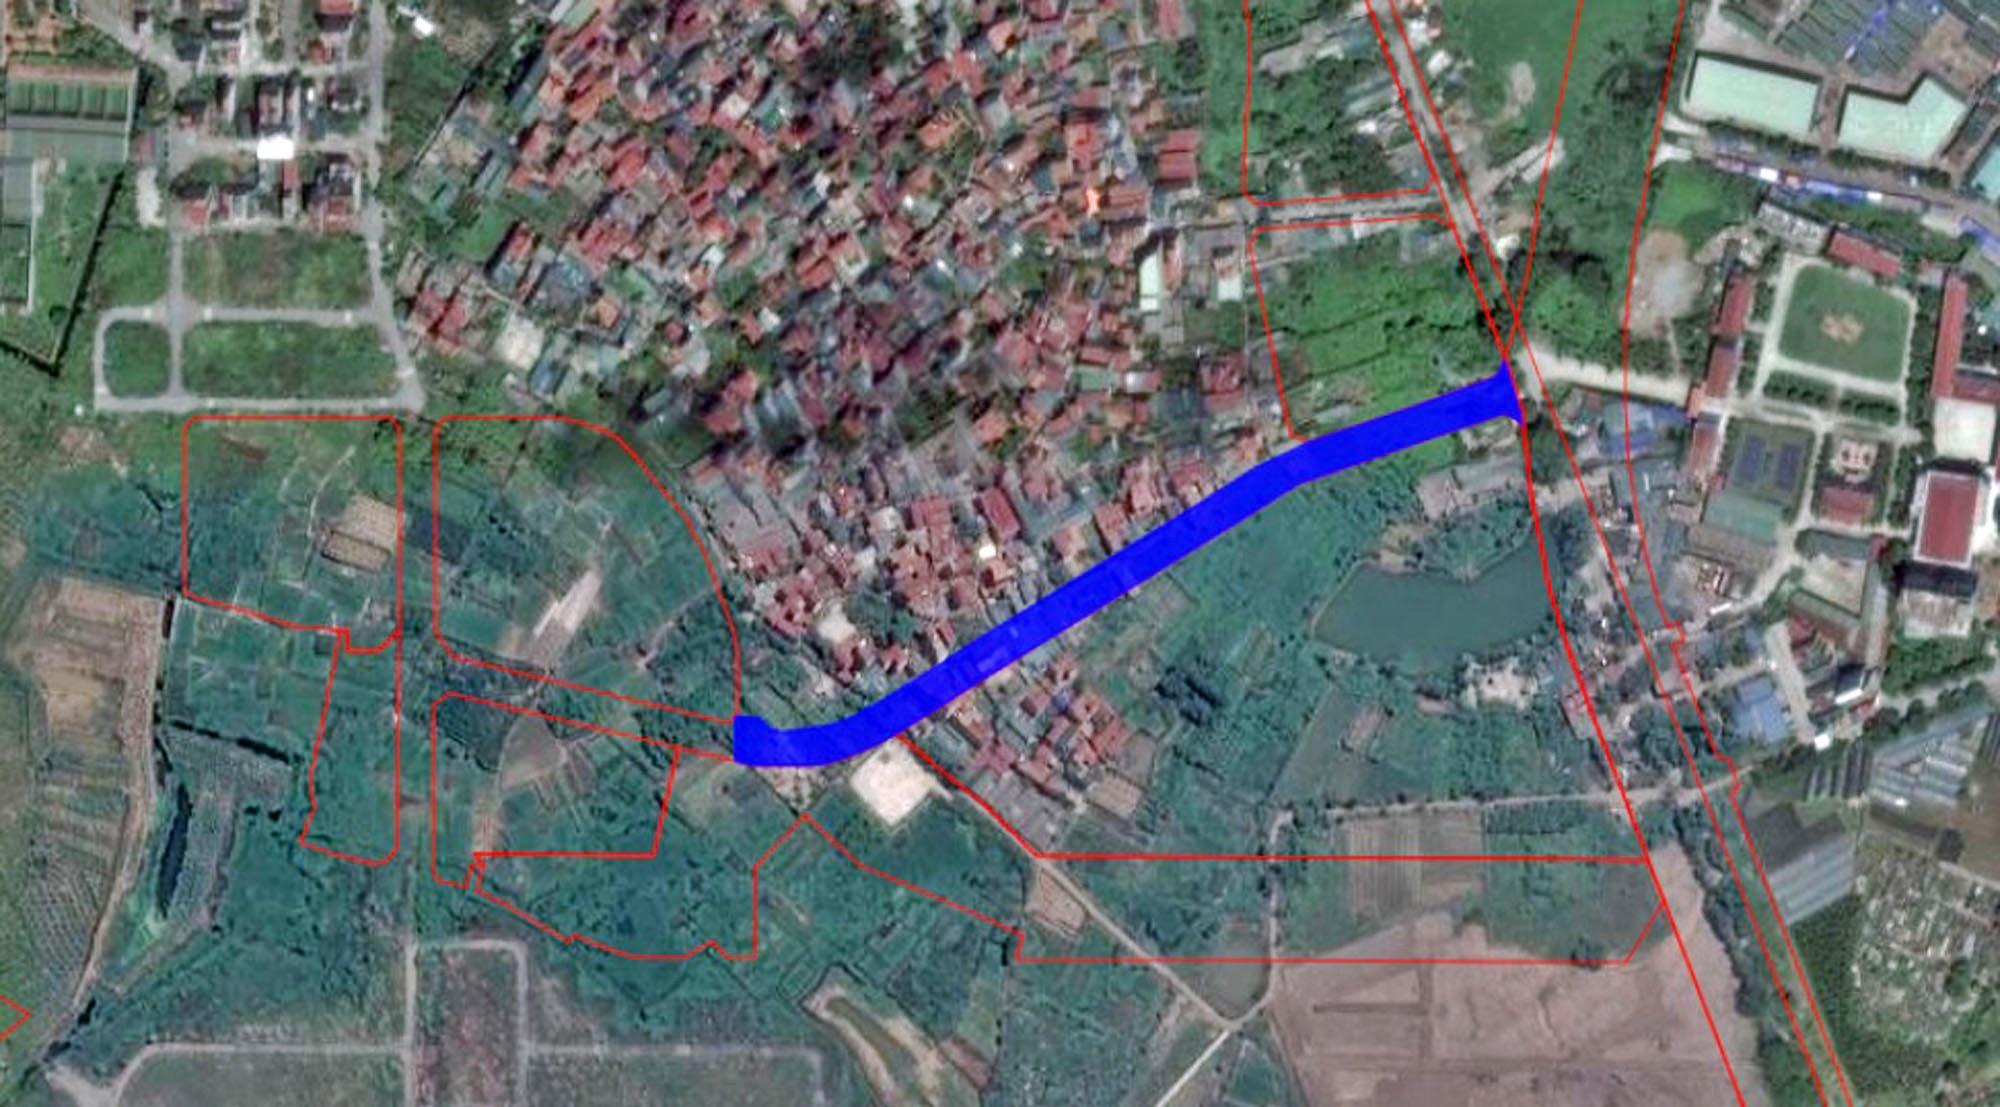 Những khu đất sắp thu hồi để mở đường ở phường Phương Canh, Nam Từ Liêm, Hà Nội (phần 1) - Ảnh 3.